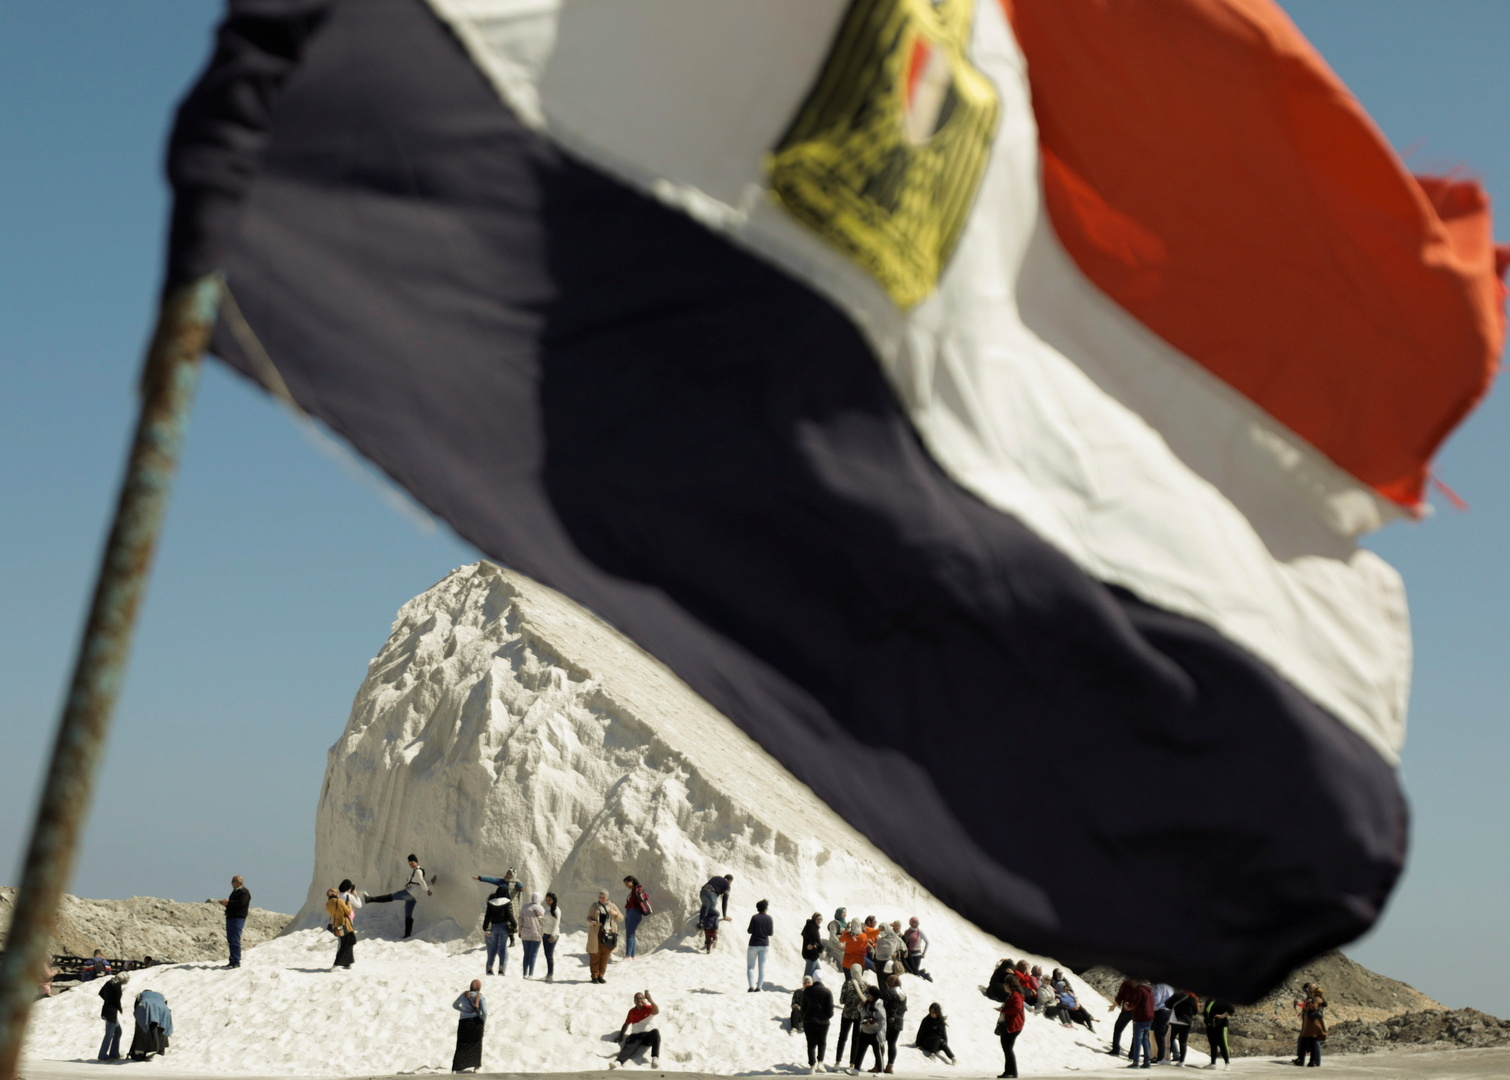 مصر.. نقابة الصحفيين تحيل المستشارة الإعلامية لوزير السياحة للتأديب